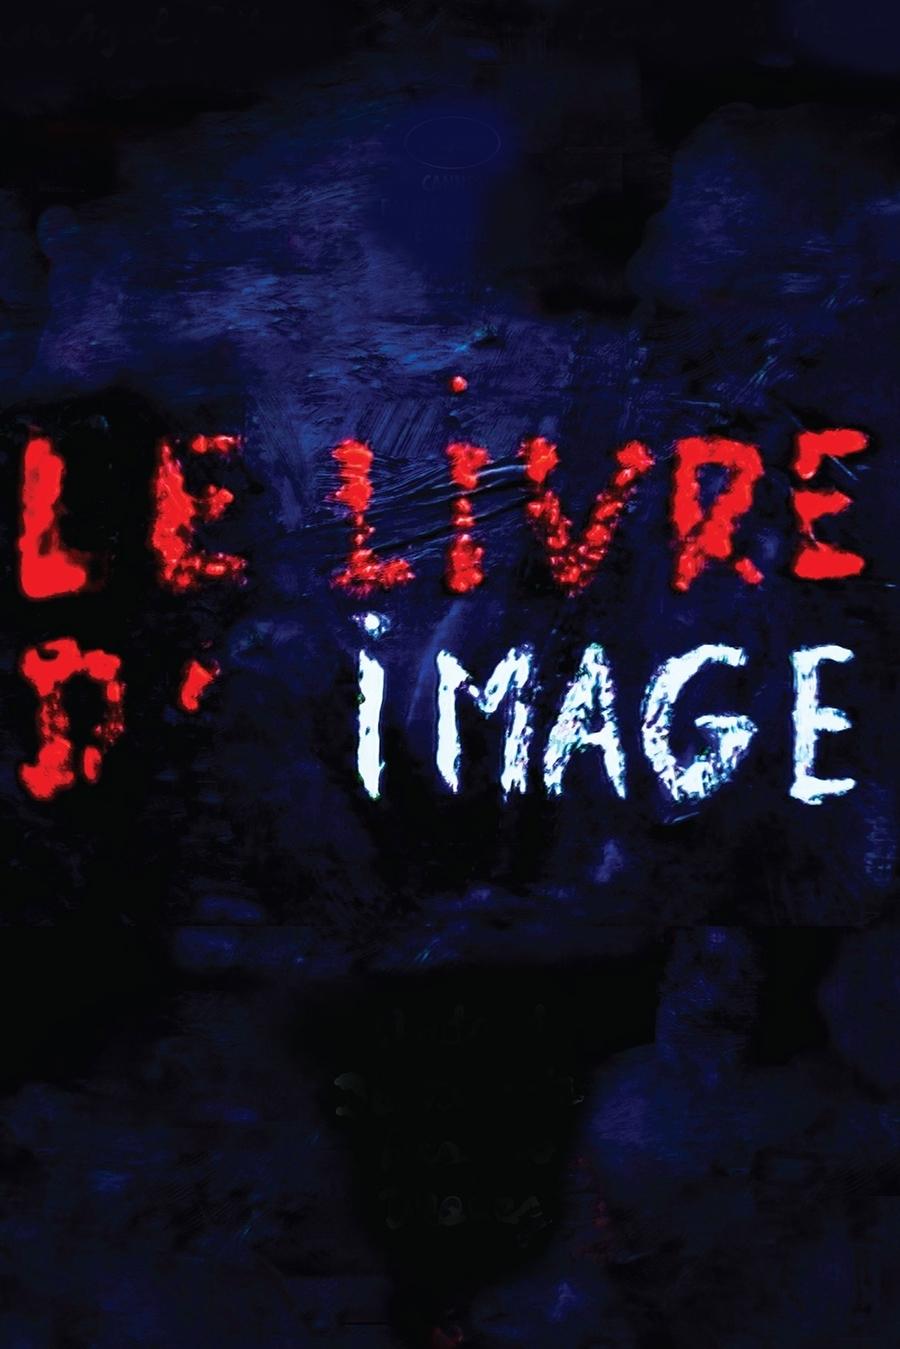 O Livro de Imagem